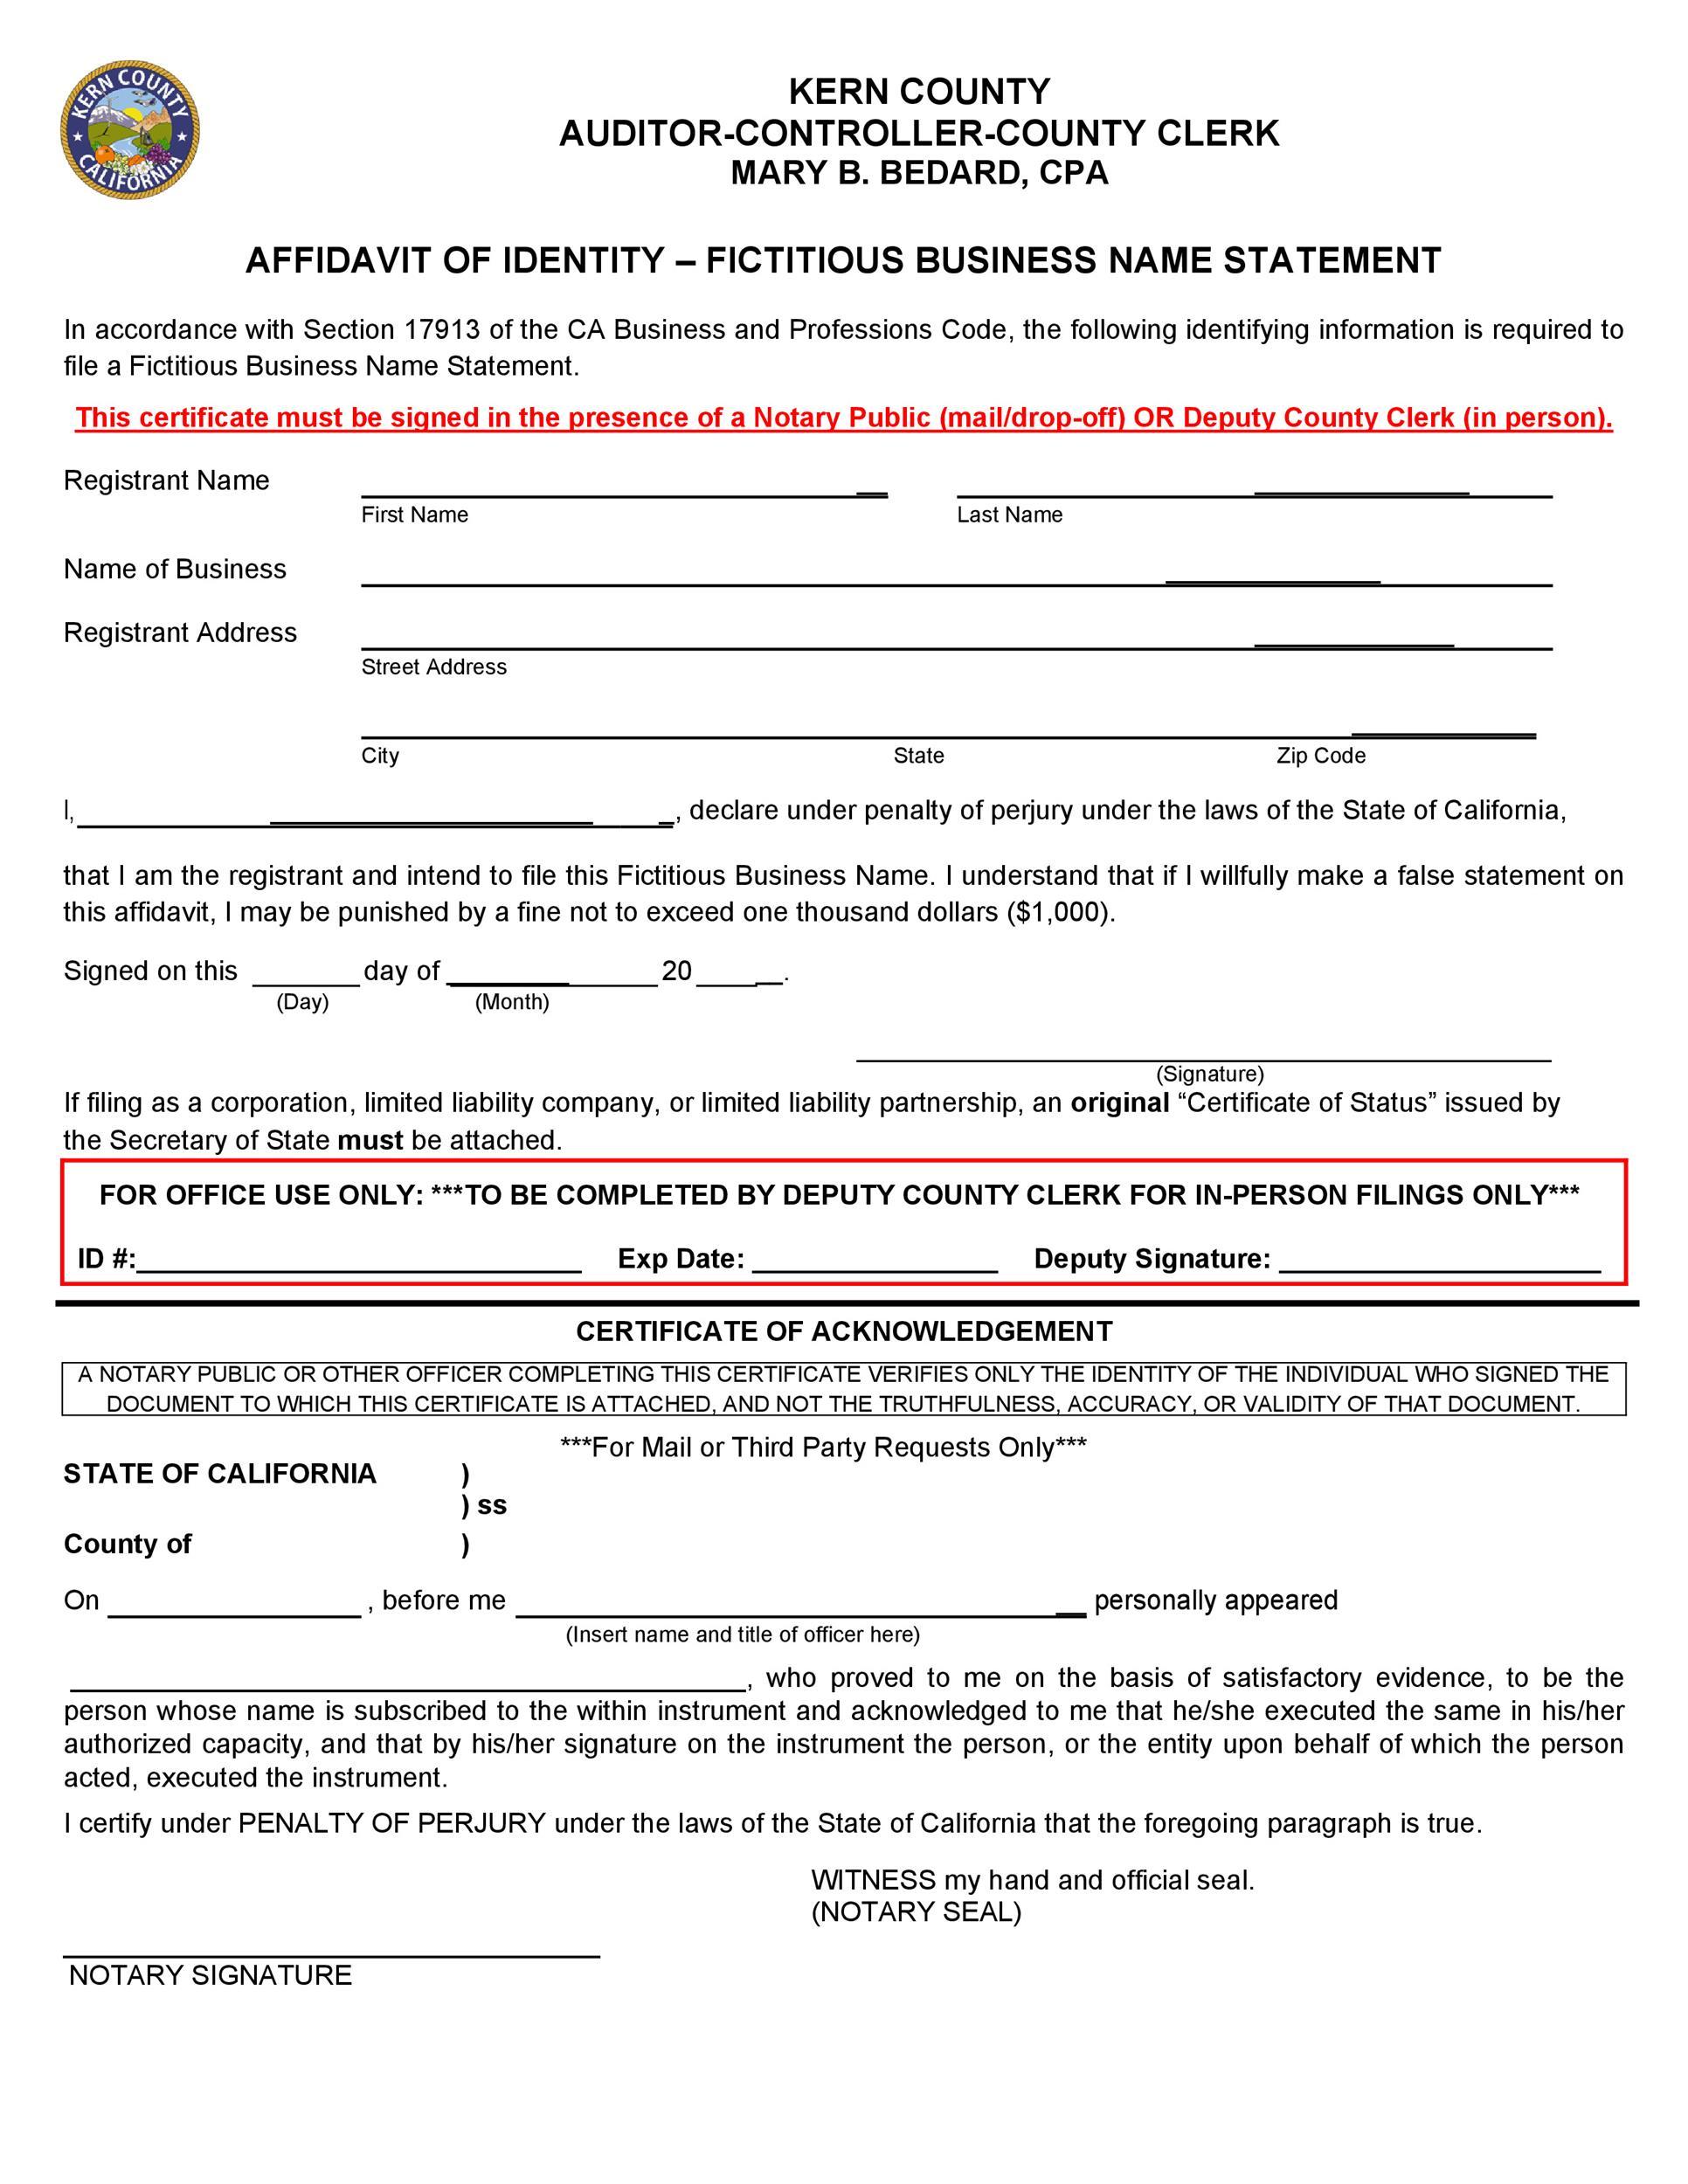 Free affidavit of identity 35